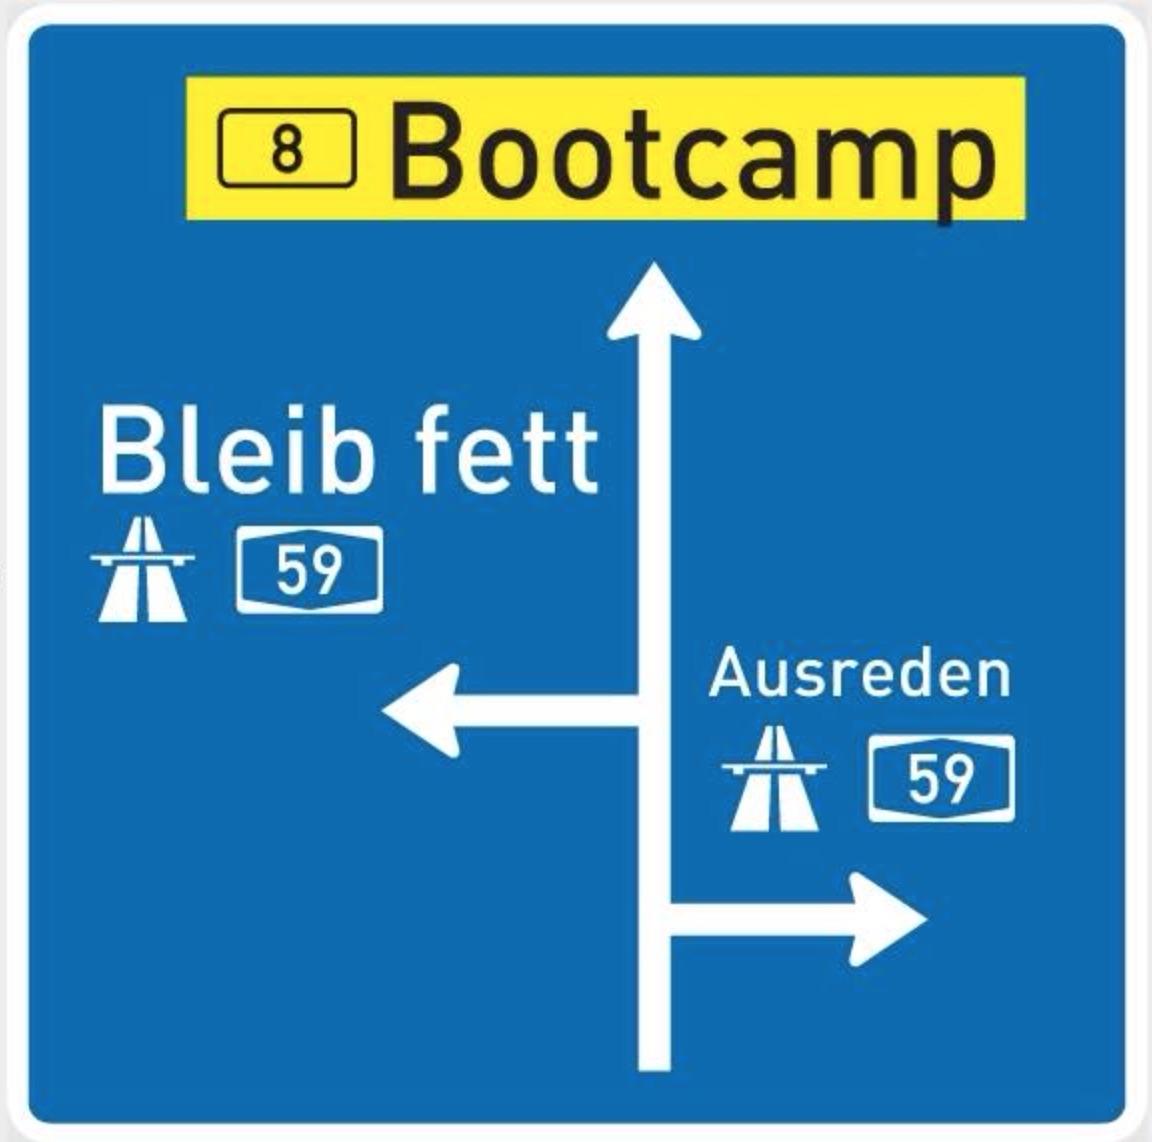 Layenberger Bootcamp